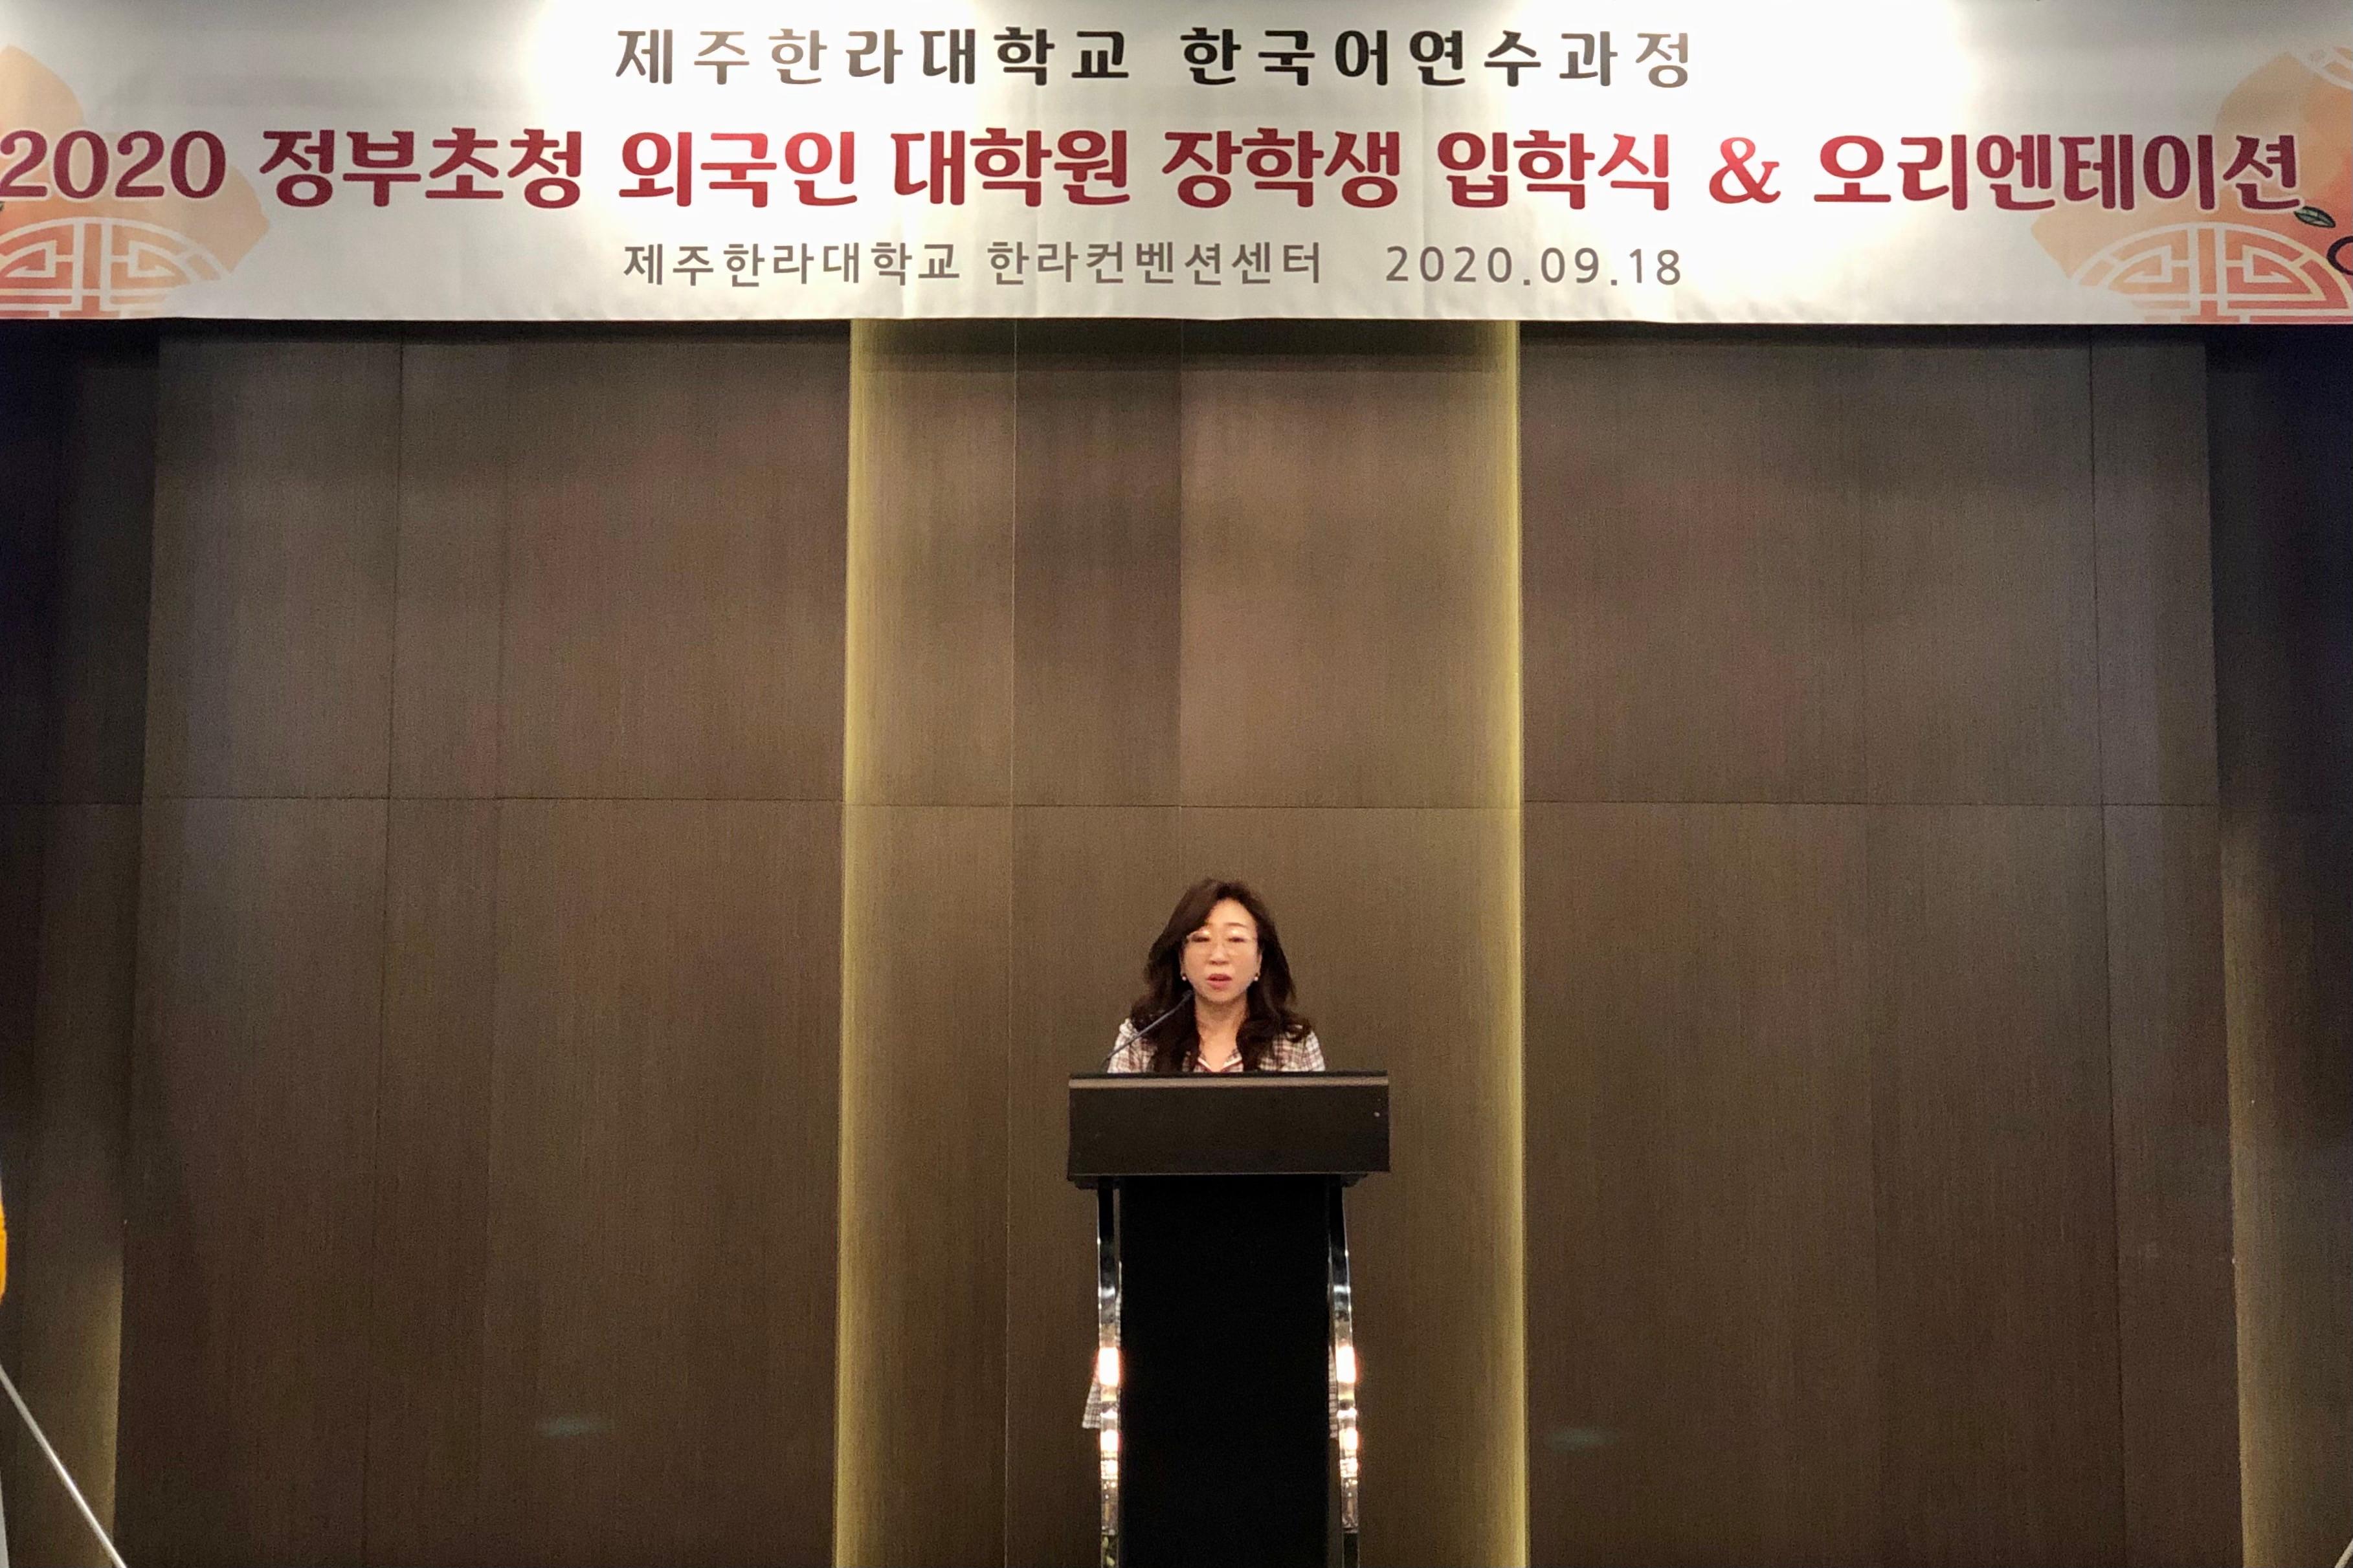 2020 정부초청 외국인 대학원 장학생 한국어 연수과정 입학식 및 오리엔테이션 개최3